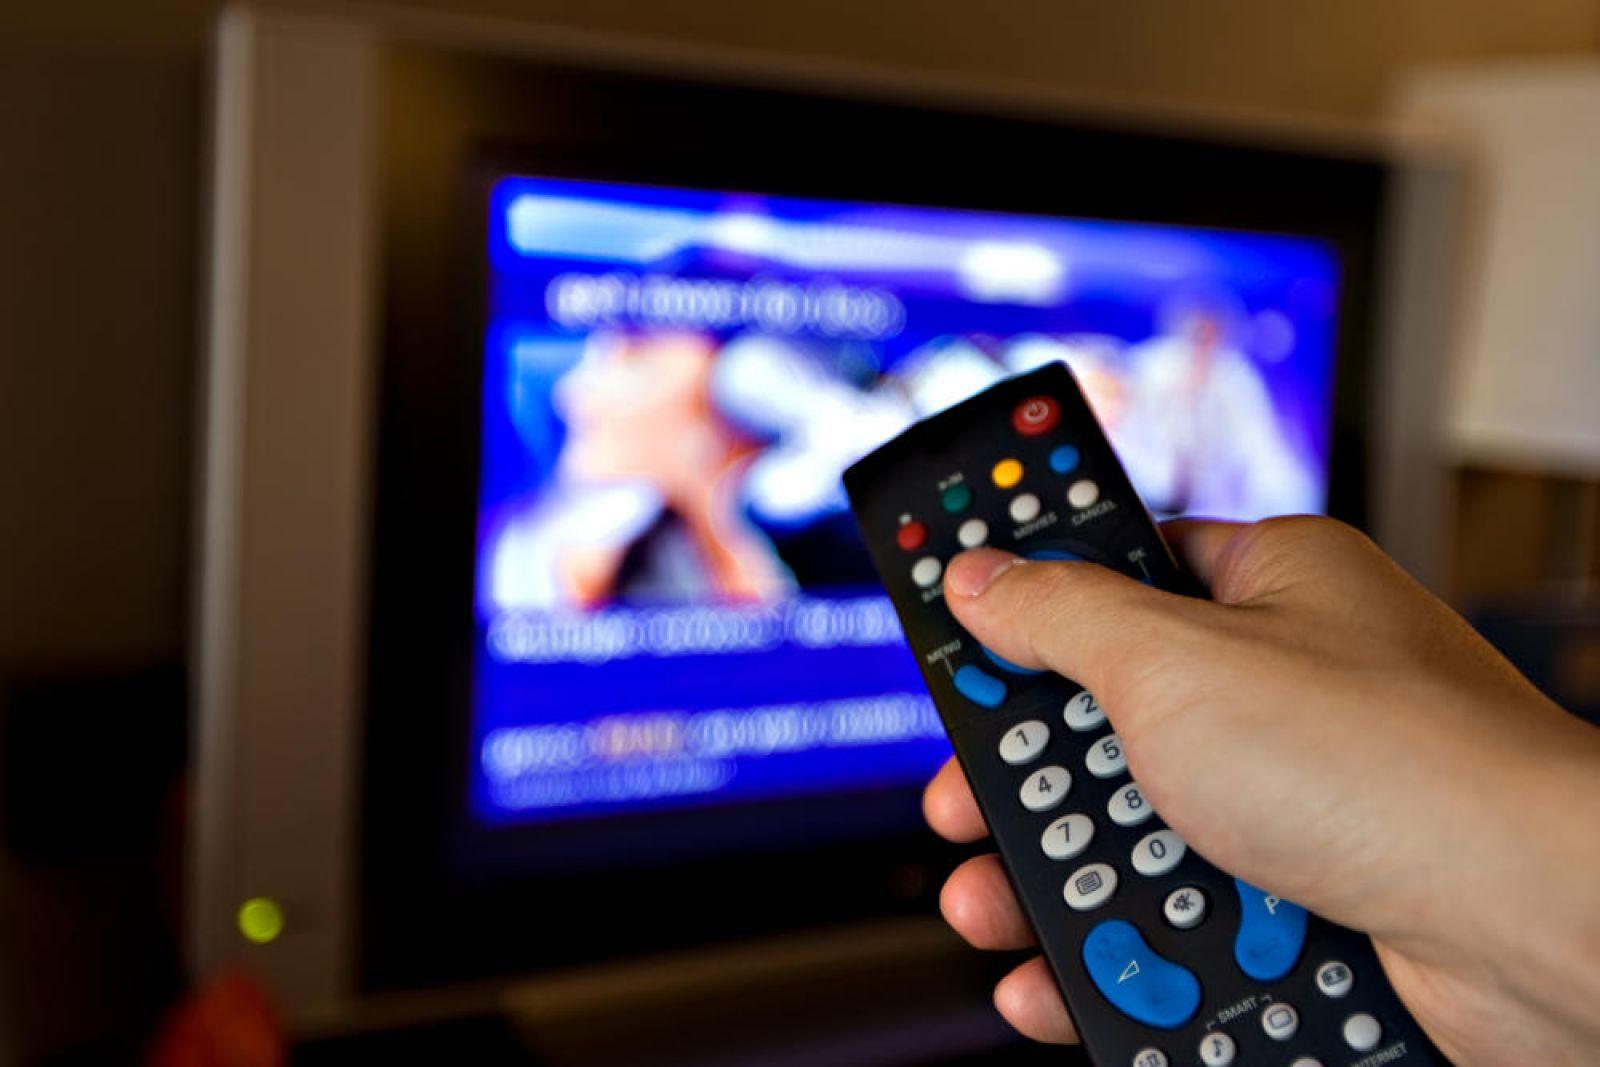 Телевизоры могут следить за гражданами